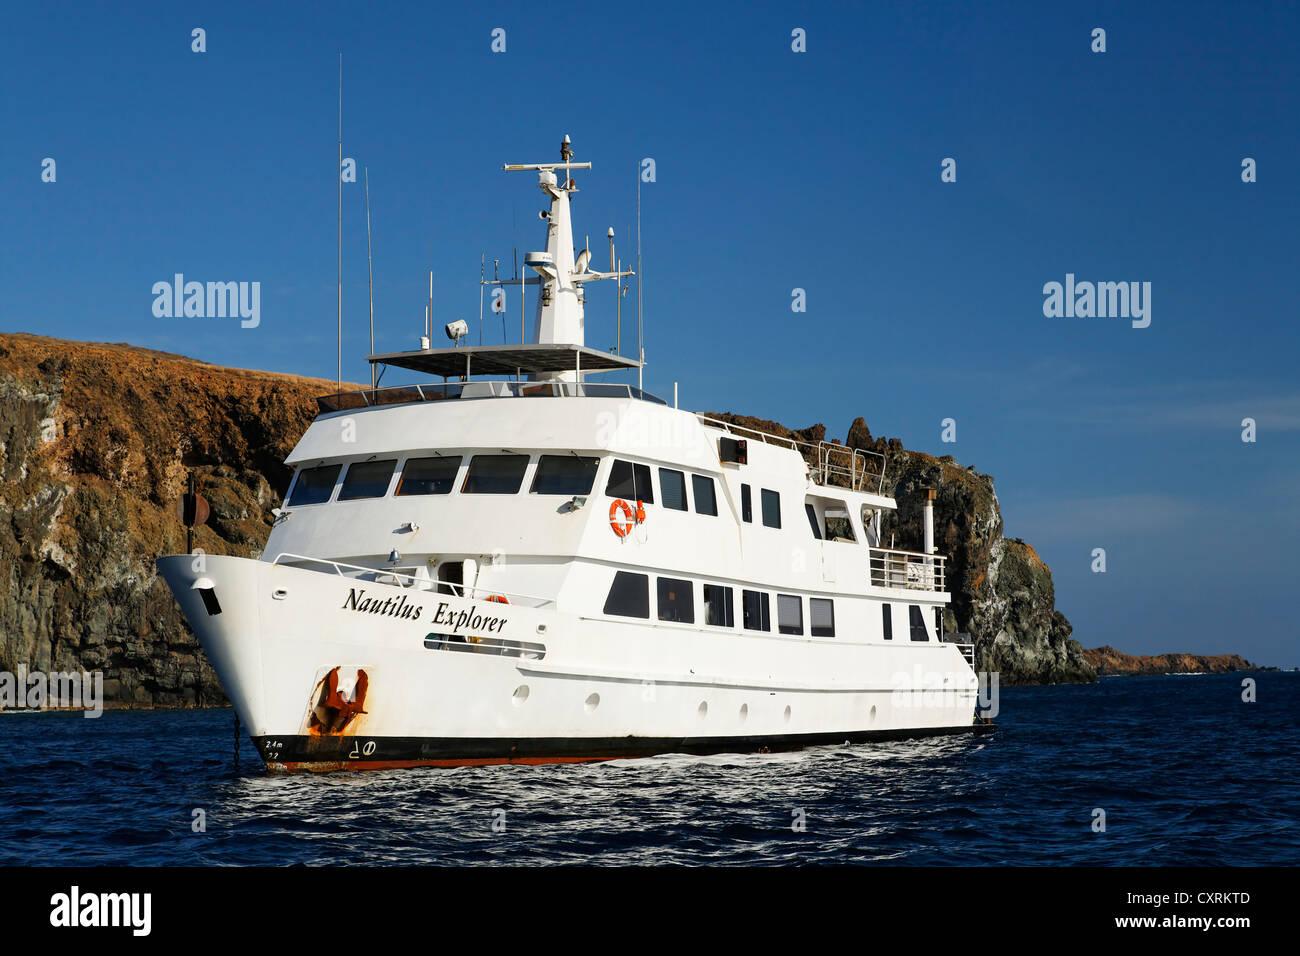 Barco liveaboard, Océano Índico Explorer, frente a la costa de acantilados, la isla de San Benedicto, Imagen De Stock